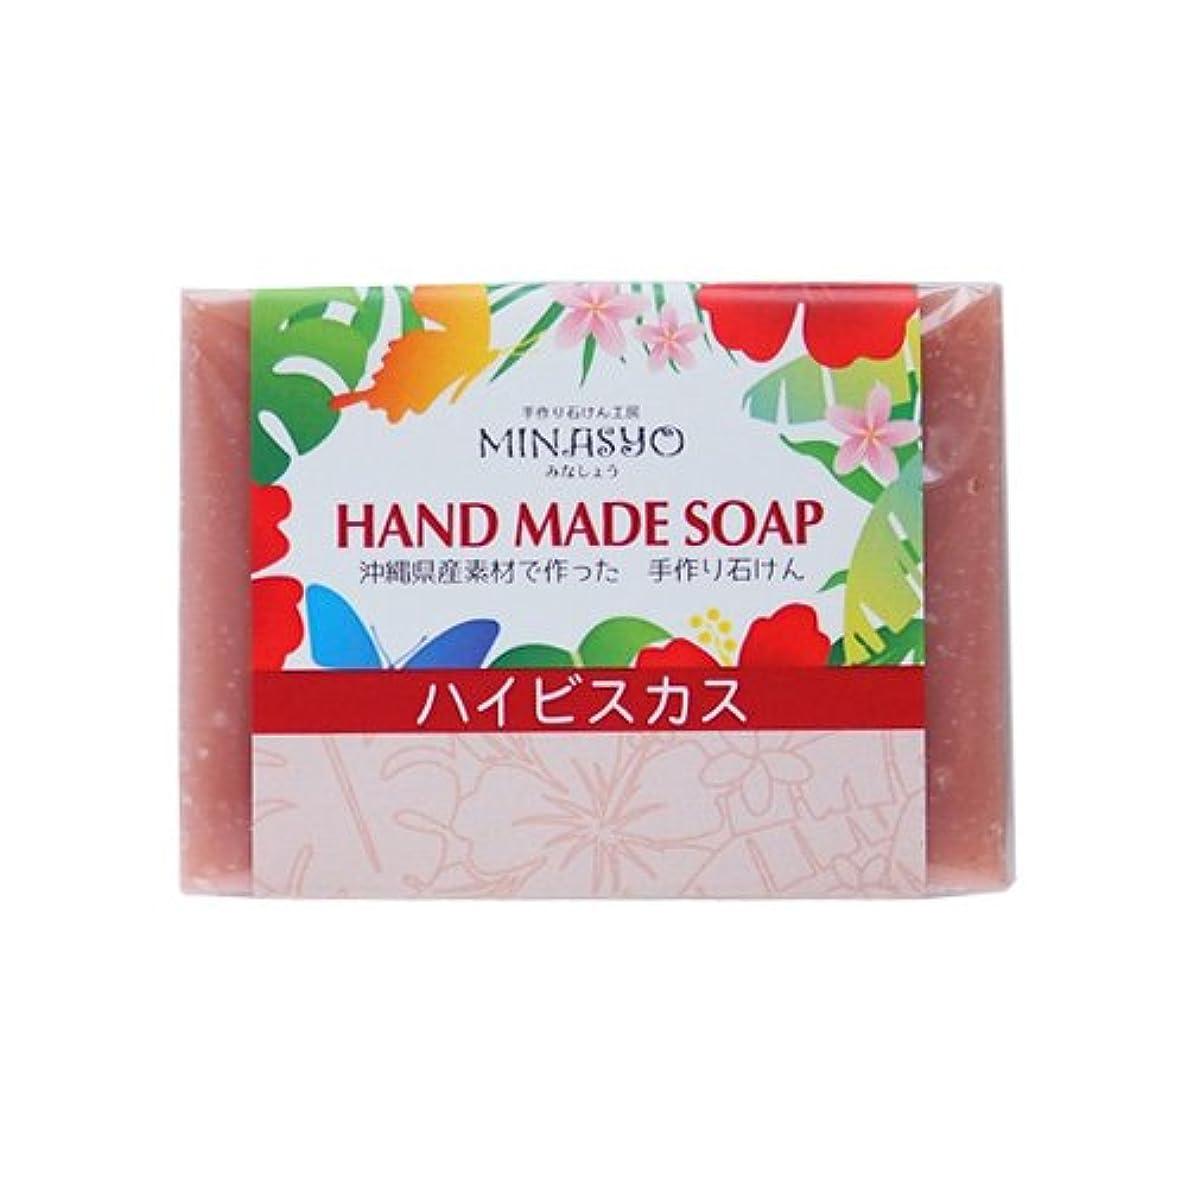 主人試験選択するピンククレイ 洗顔石鹸 無添加 固形 毛穴ケア 手作りローゼル石鹸